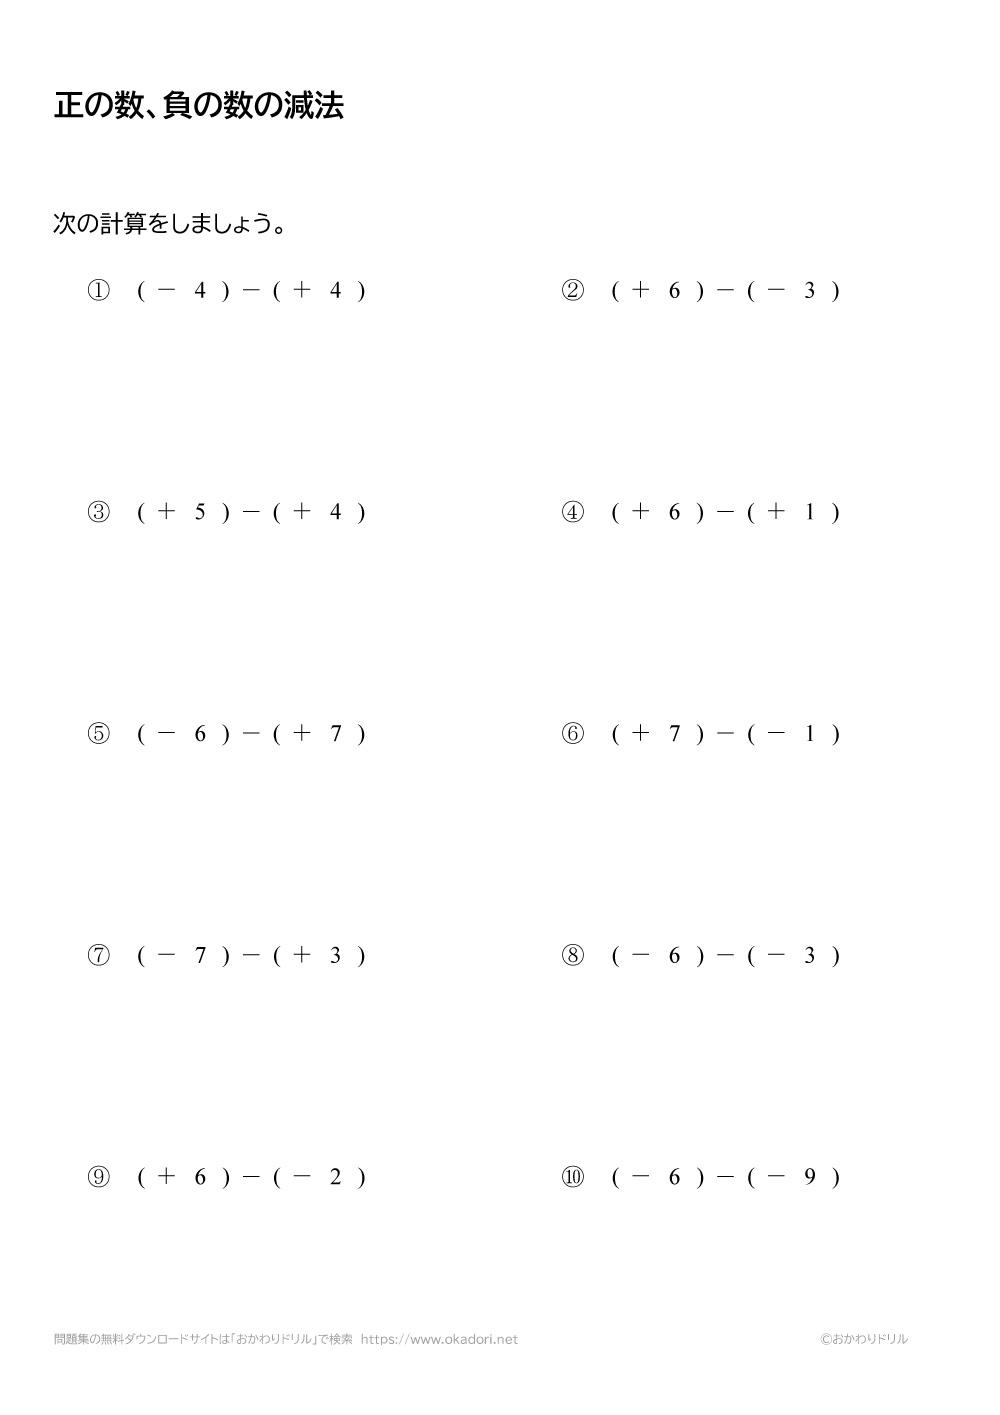 正の数・負の数の減法(引き算)の問題と答え5